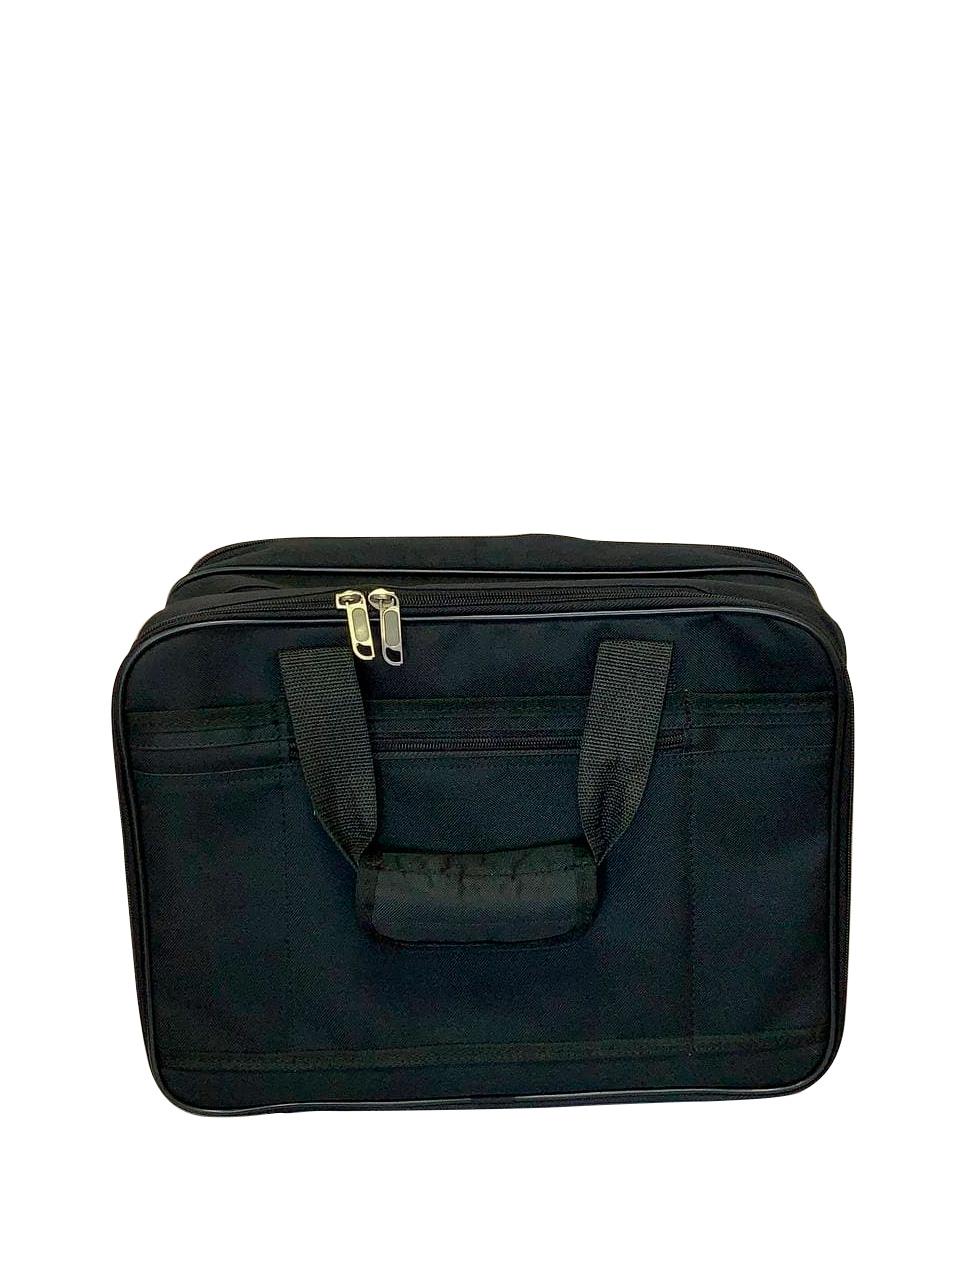 black-bag-6